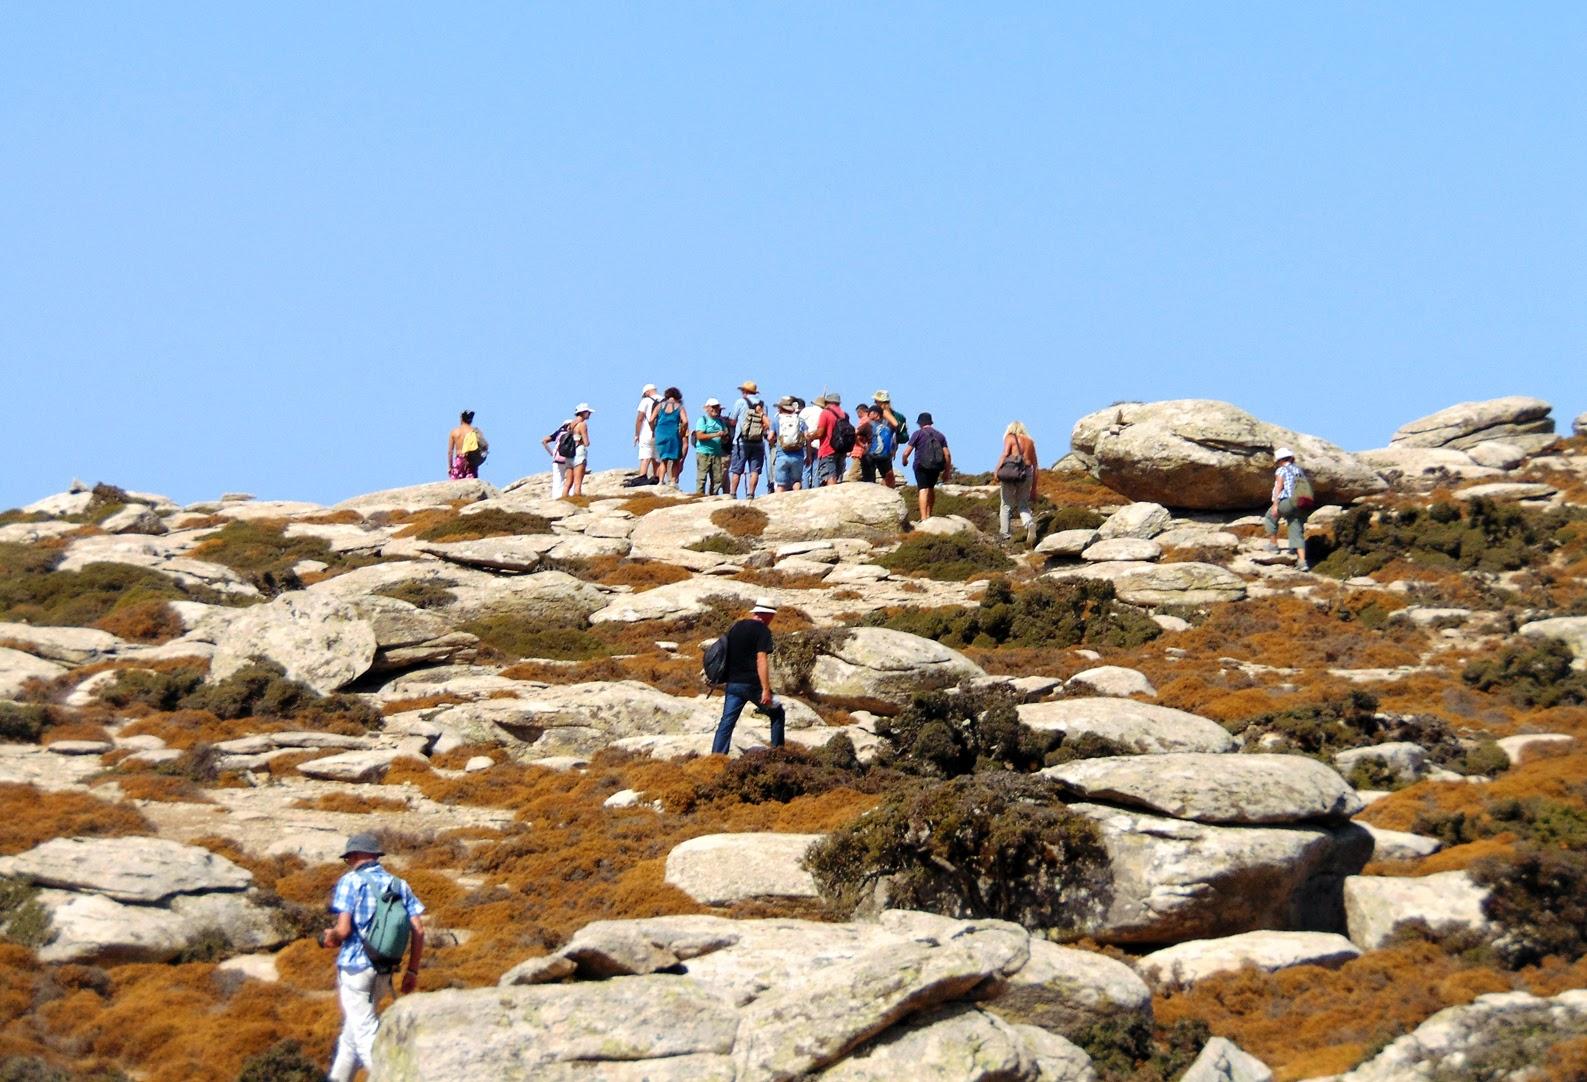 Ακολουθώντας τους «κούκους» (σωρούς από πέτρες) που με αυτές οι πεζοπόροι έχουν σημαδέψει το μονοπάτι της κορυφογραμμής